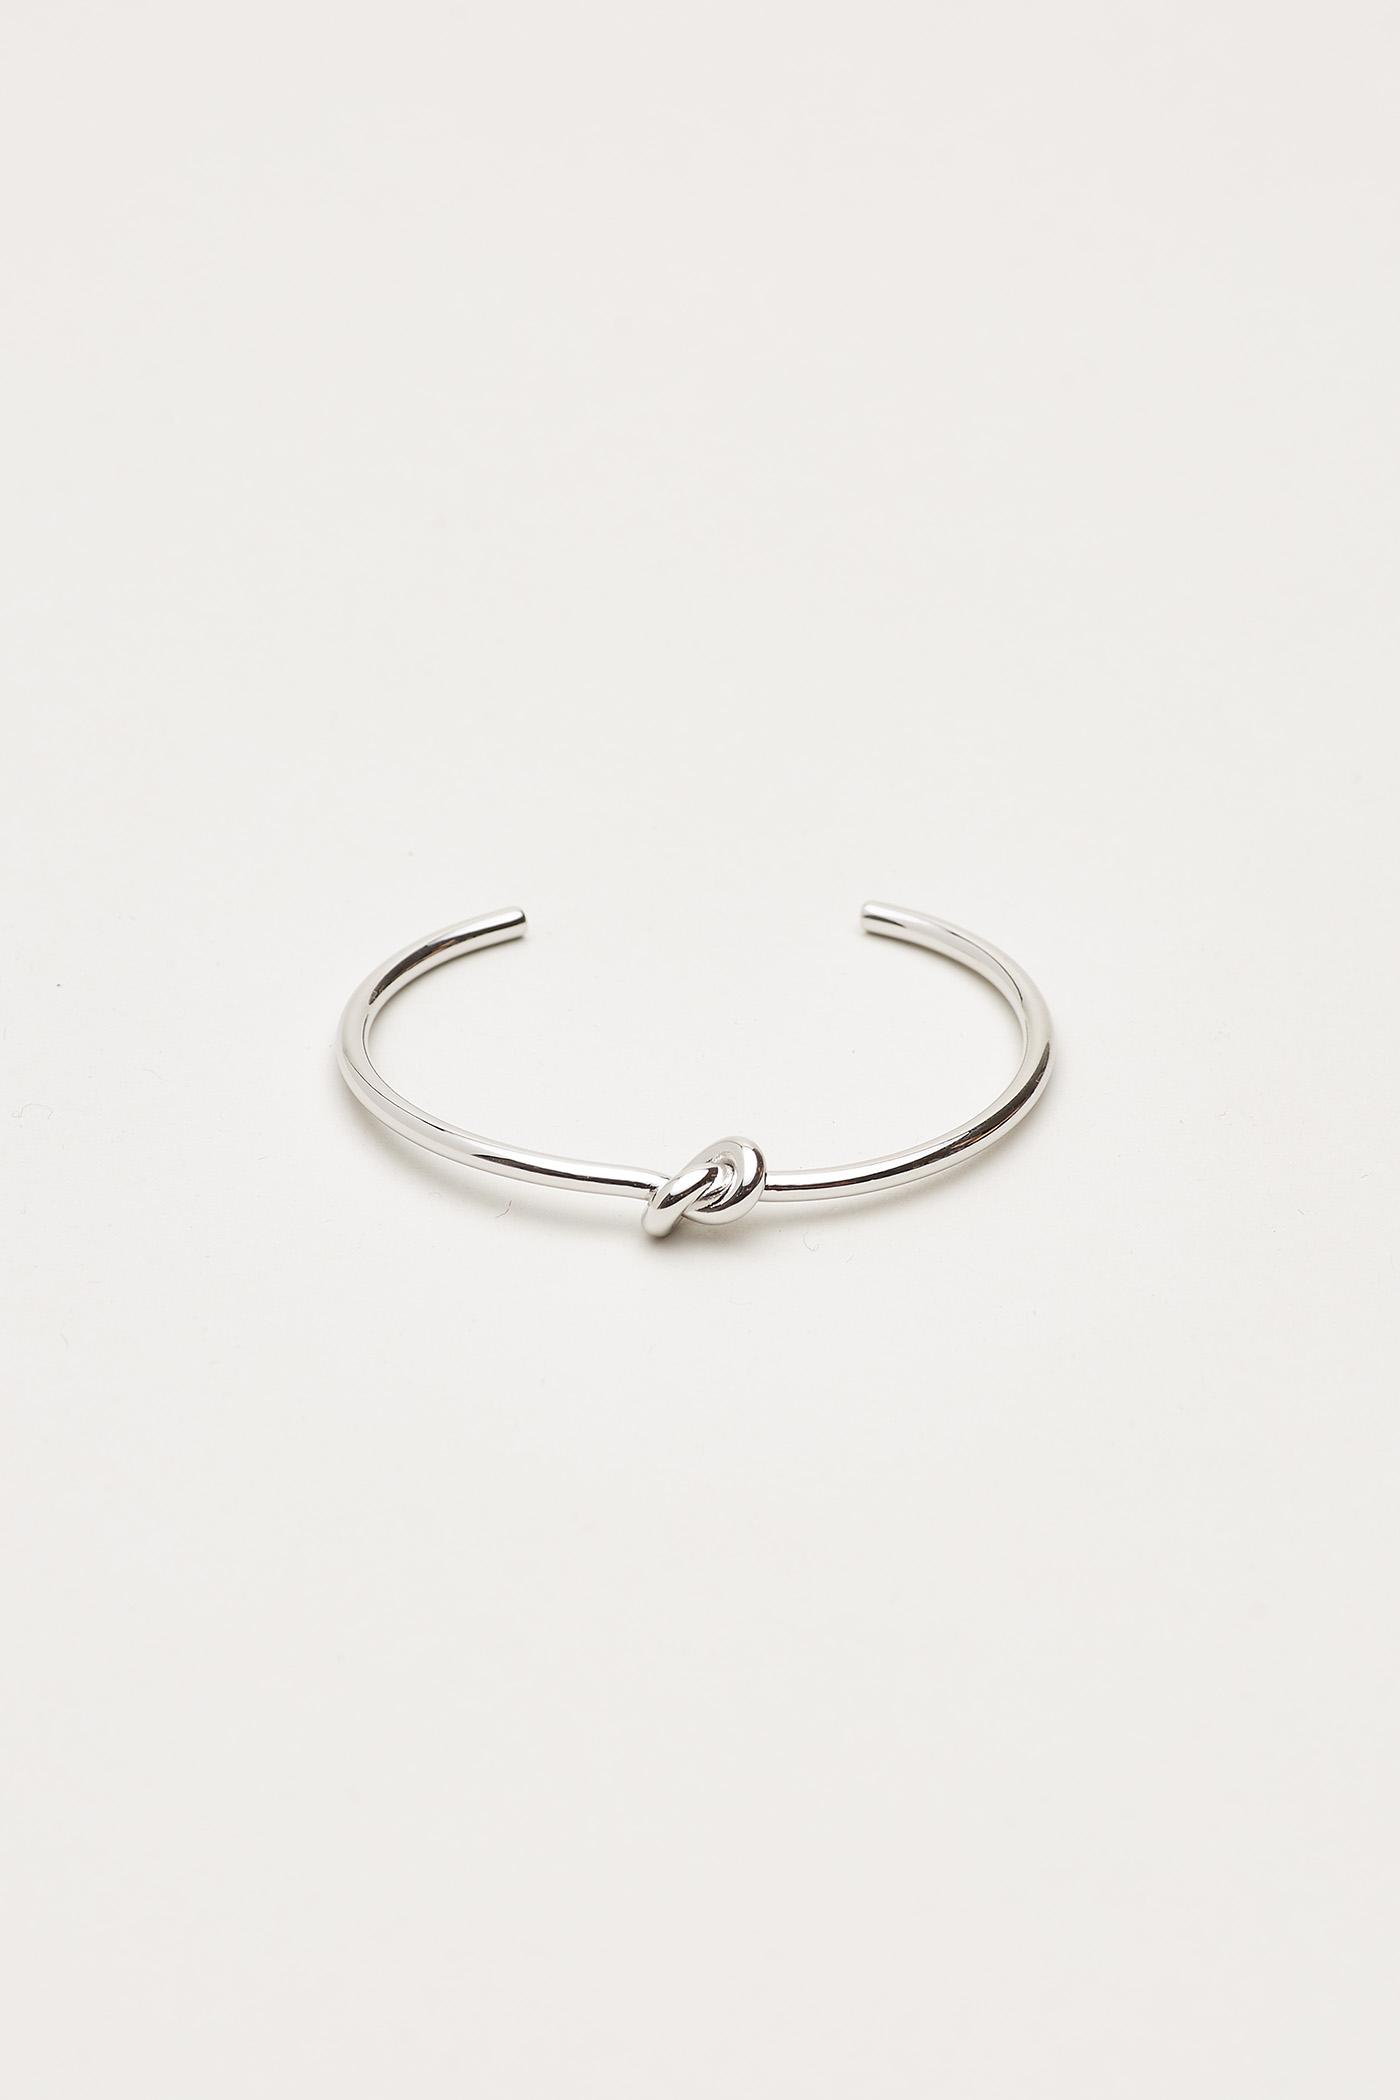 Vilem Knot Cuff Bracelet